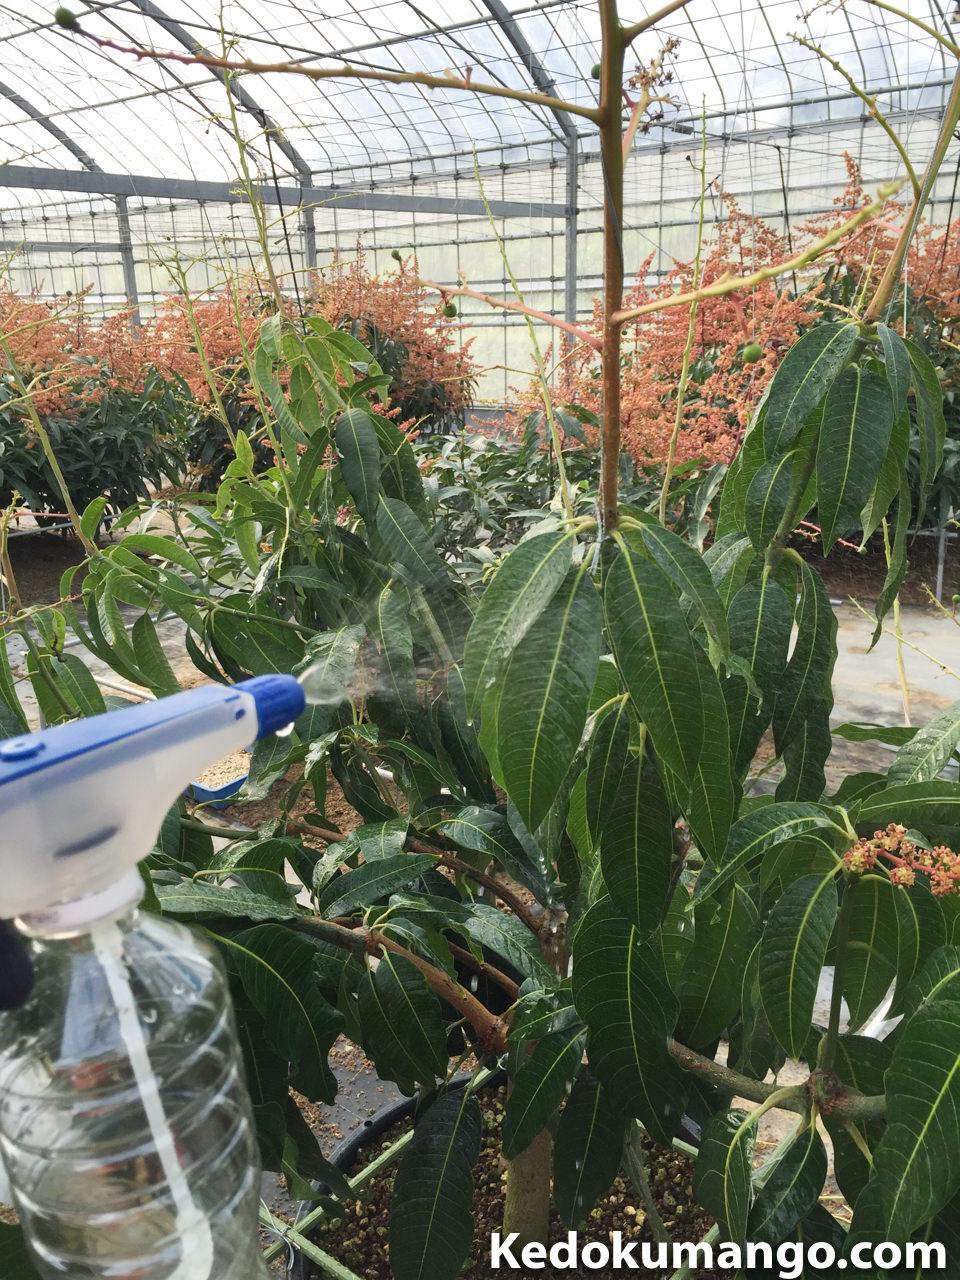 キーツマンゴーへ液体肥料を葉面散布している様子